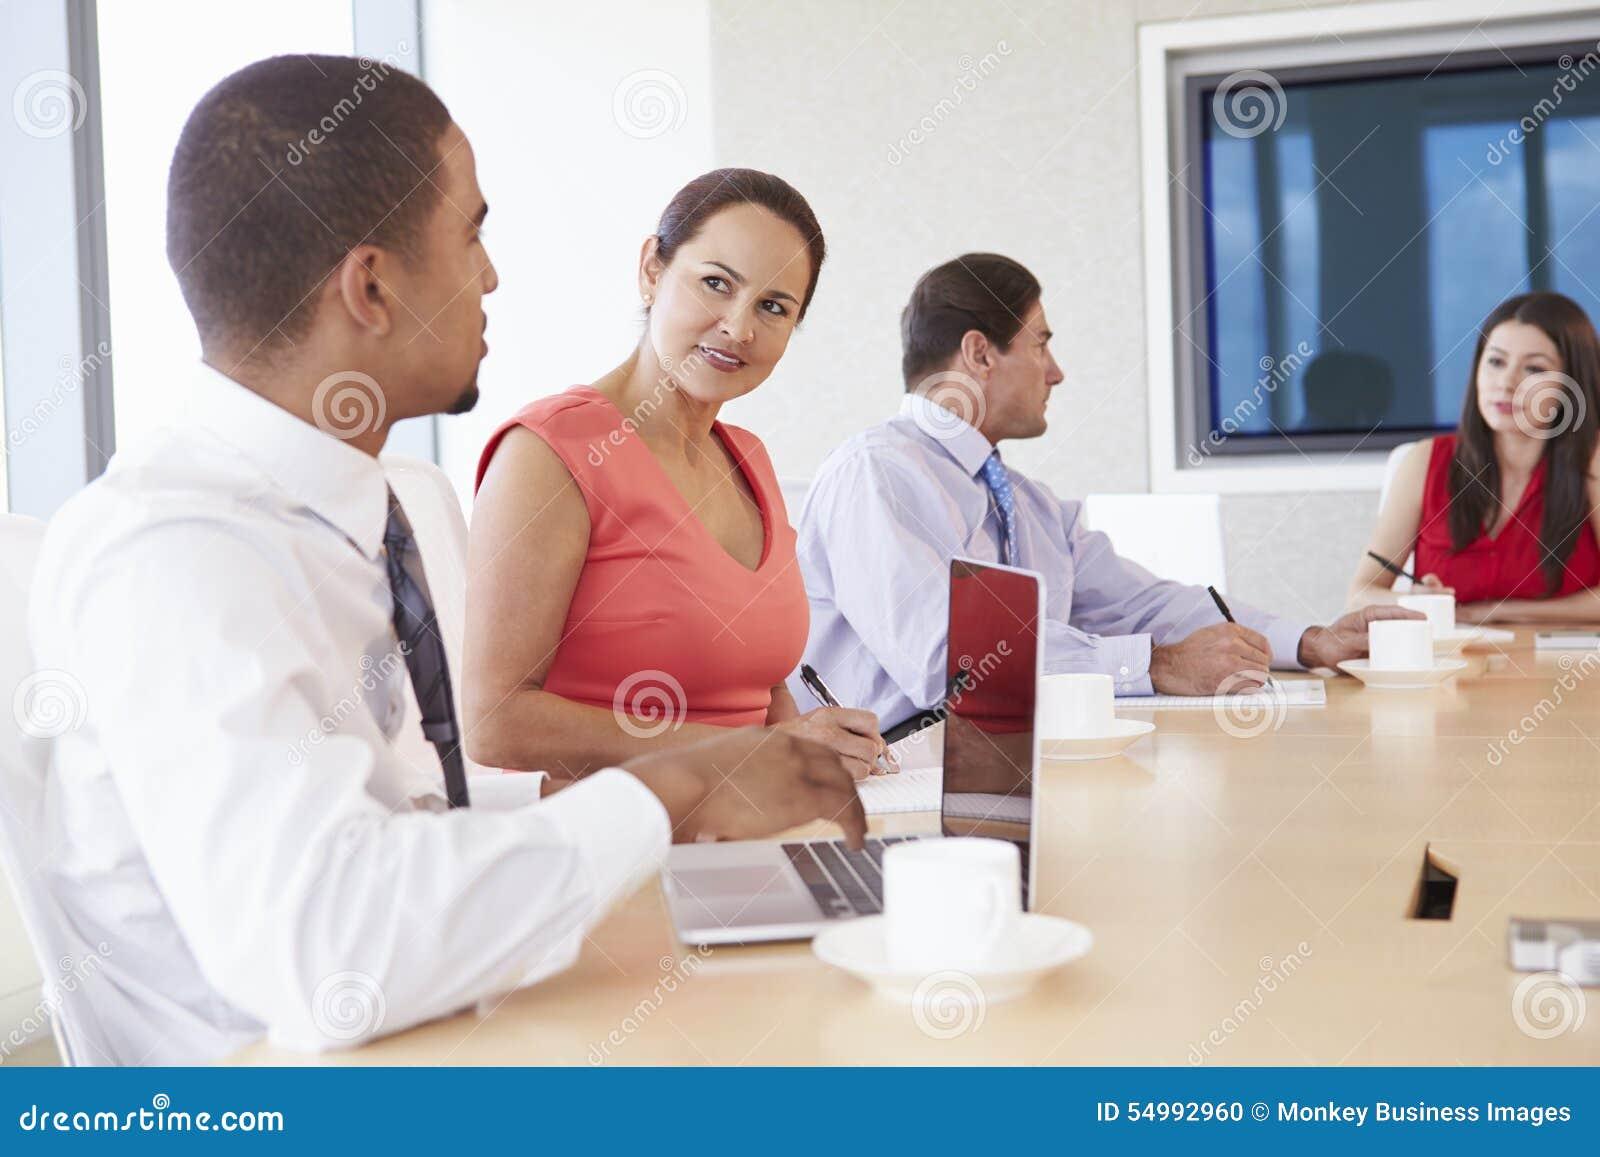 Τέσσερα ισπανικό Businesspeople που διοργανώνουν τη συνεδρίαση στην αίθουσα συνεδριάσεων